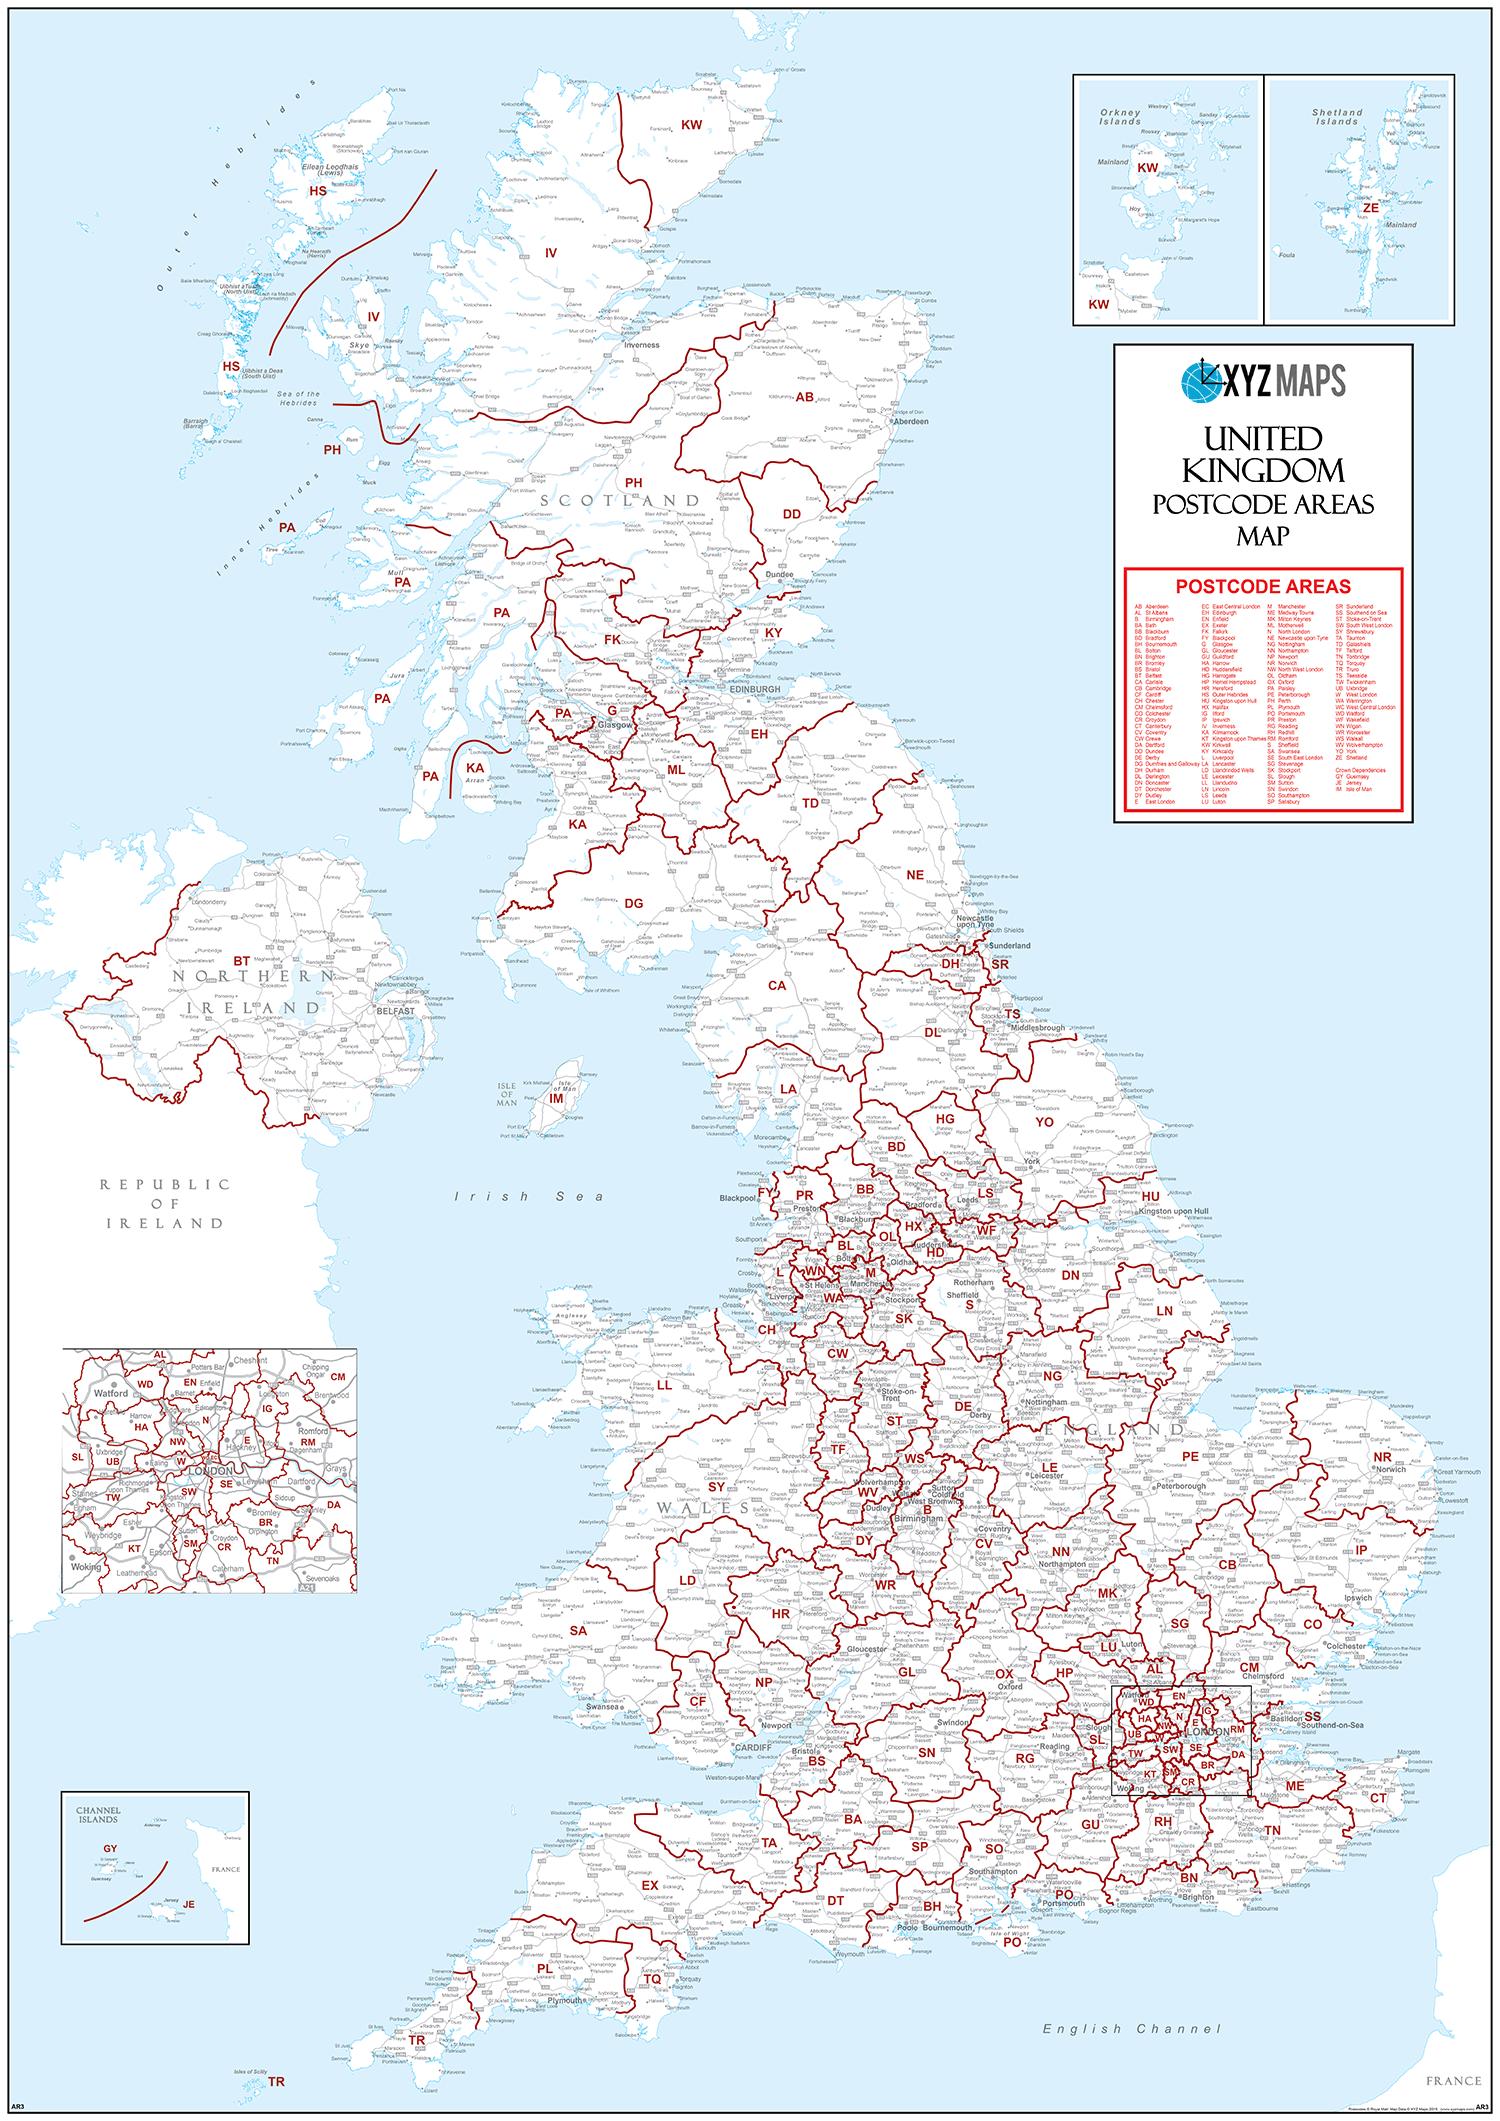 XYZ Maps